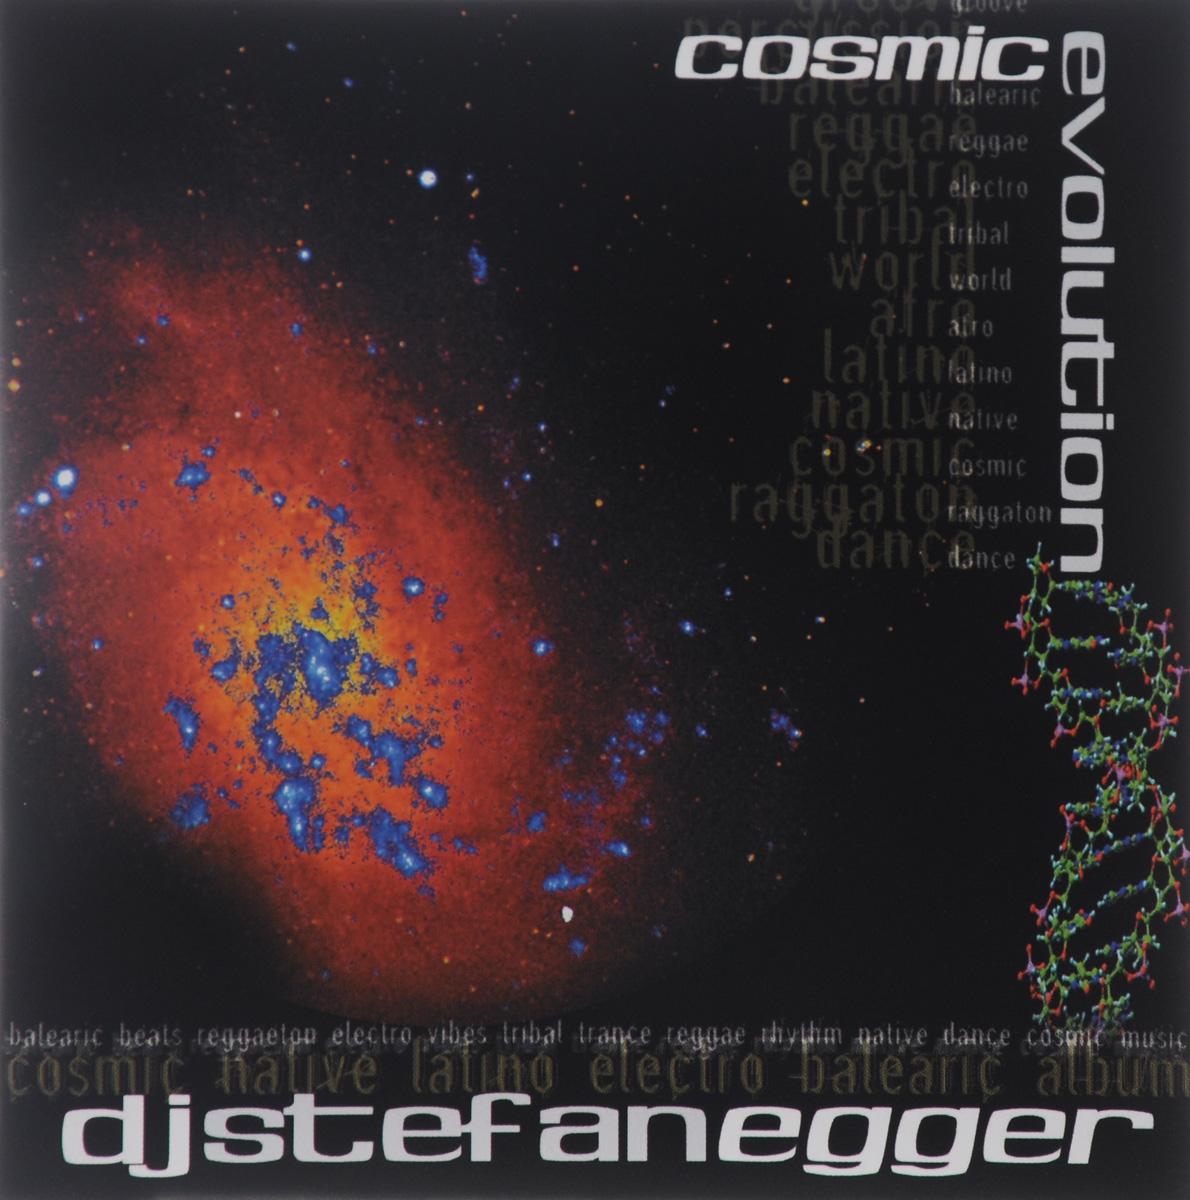 DJ Stefan Egger. Cosmic Evolution 2016 Audio CD